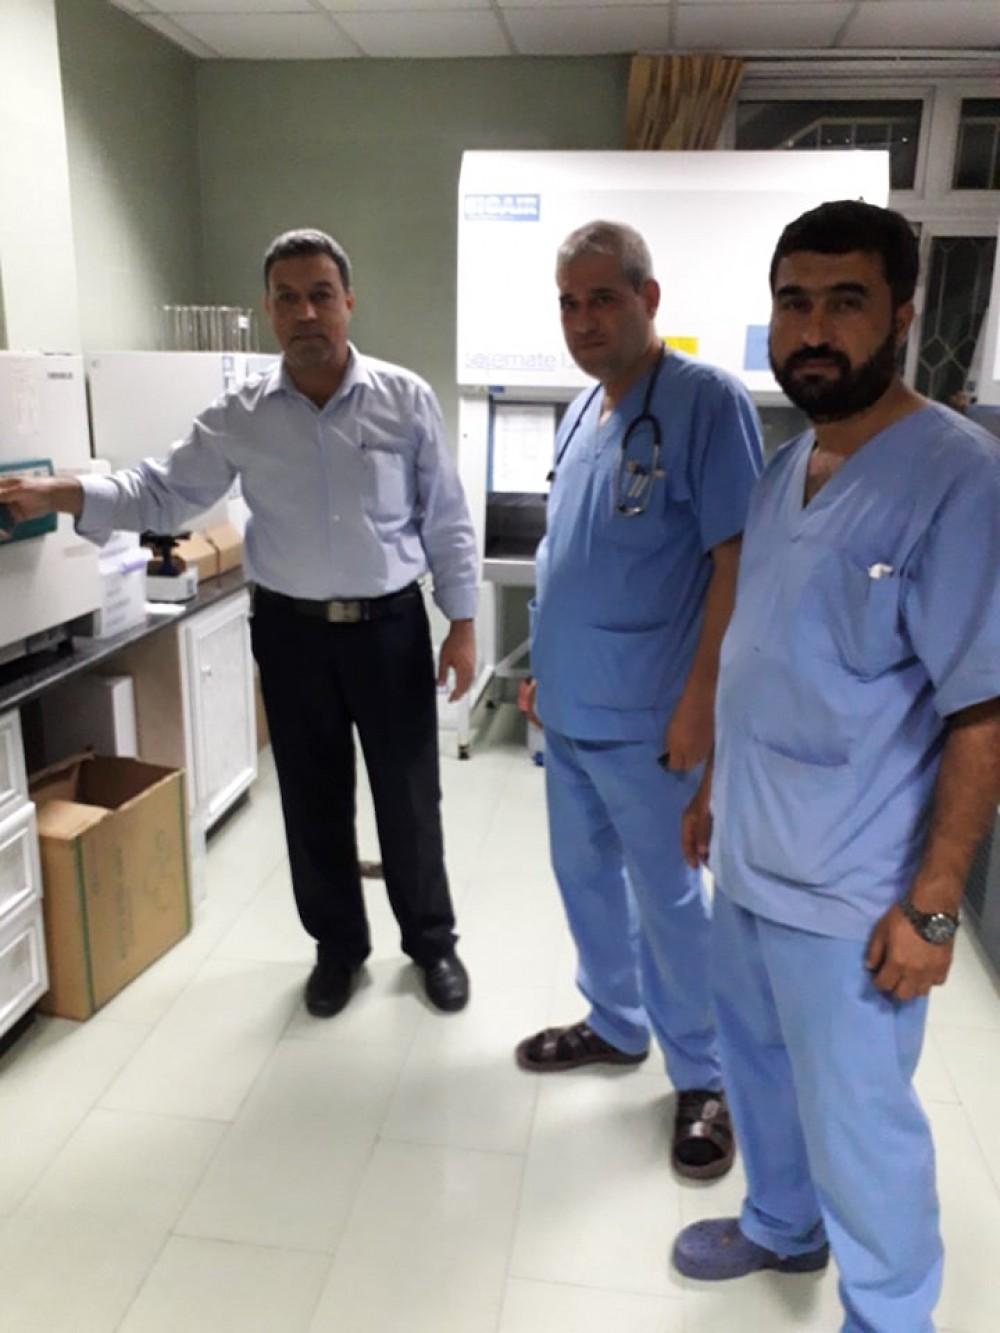 مدير مختبرات الصحة يطلع على أقسام الطوارئ في مستشفى الرنتيسى